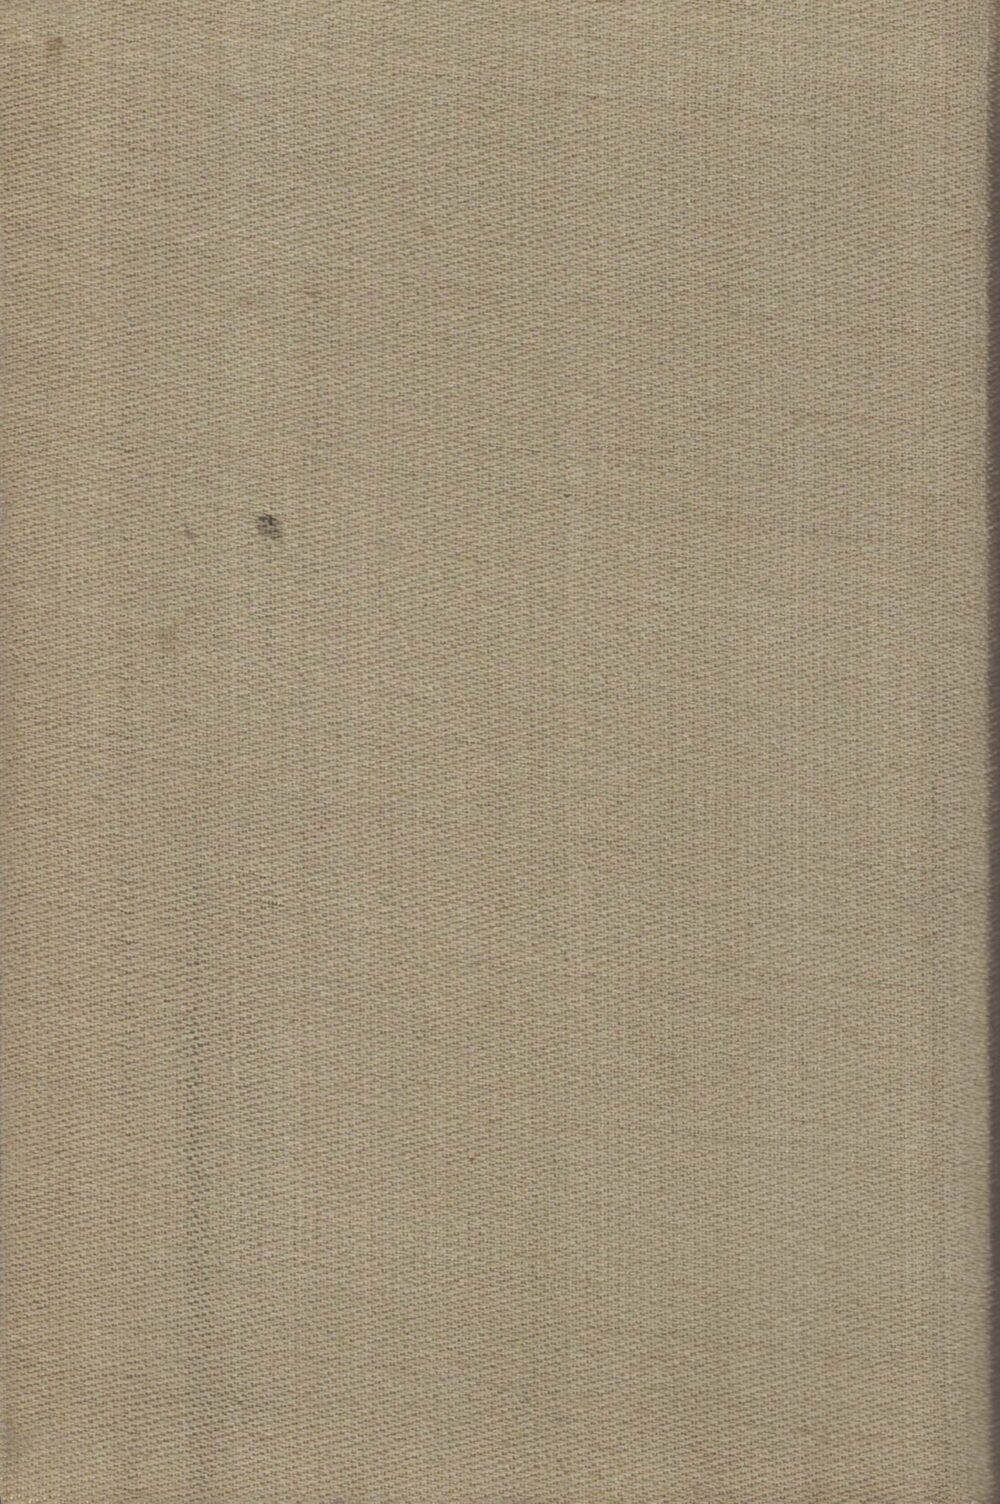 Ludwig Feuerbach - Briefwechsel